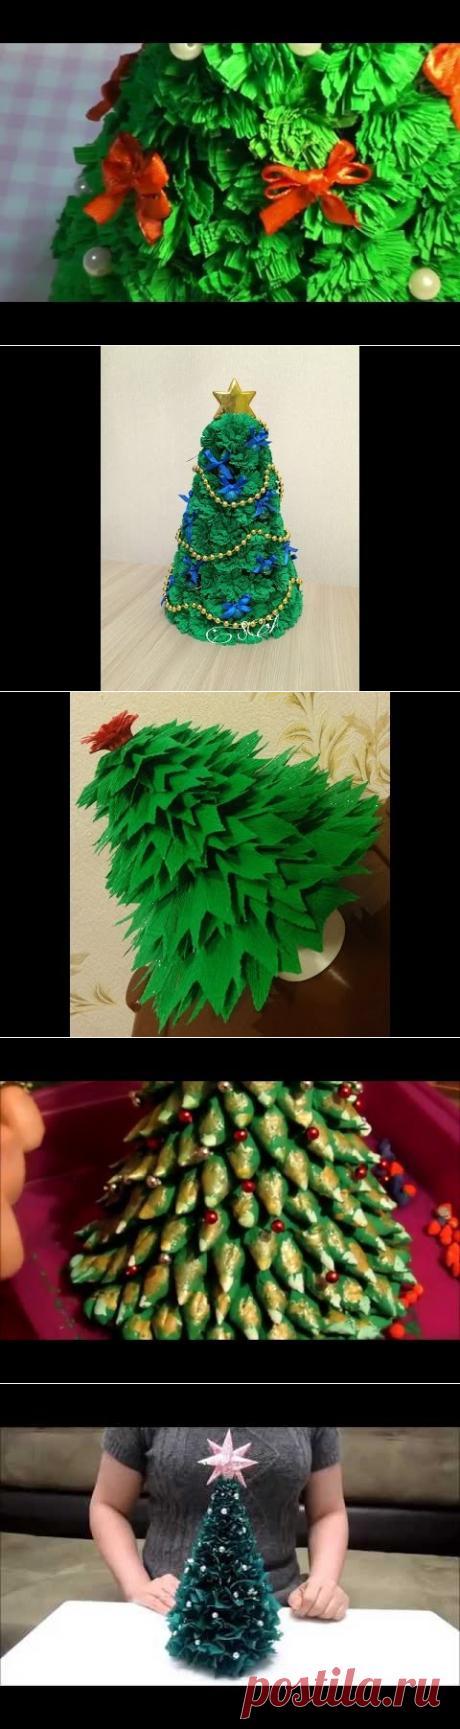 Елочка своими руками. DIY Новогодние поделки - YouTube